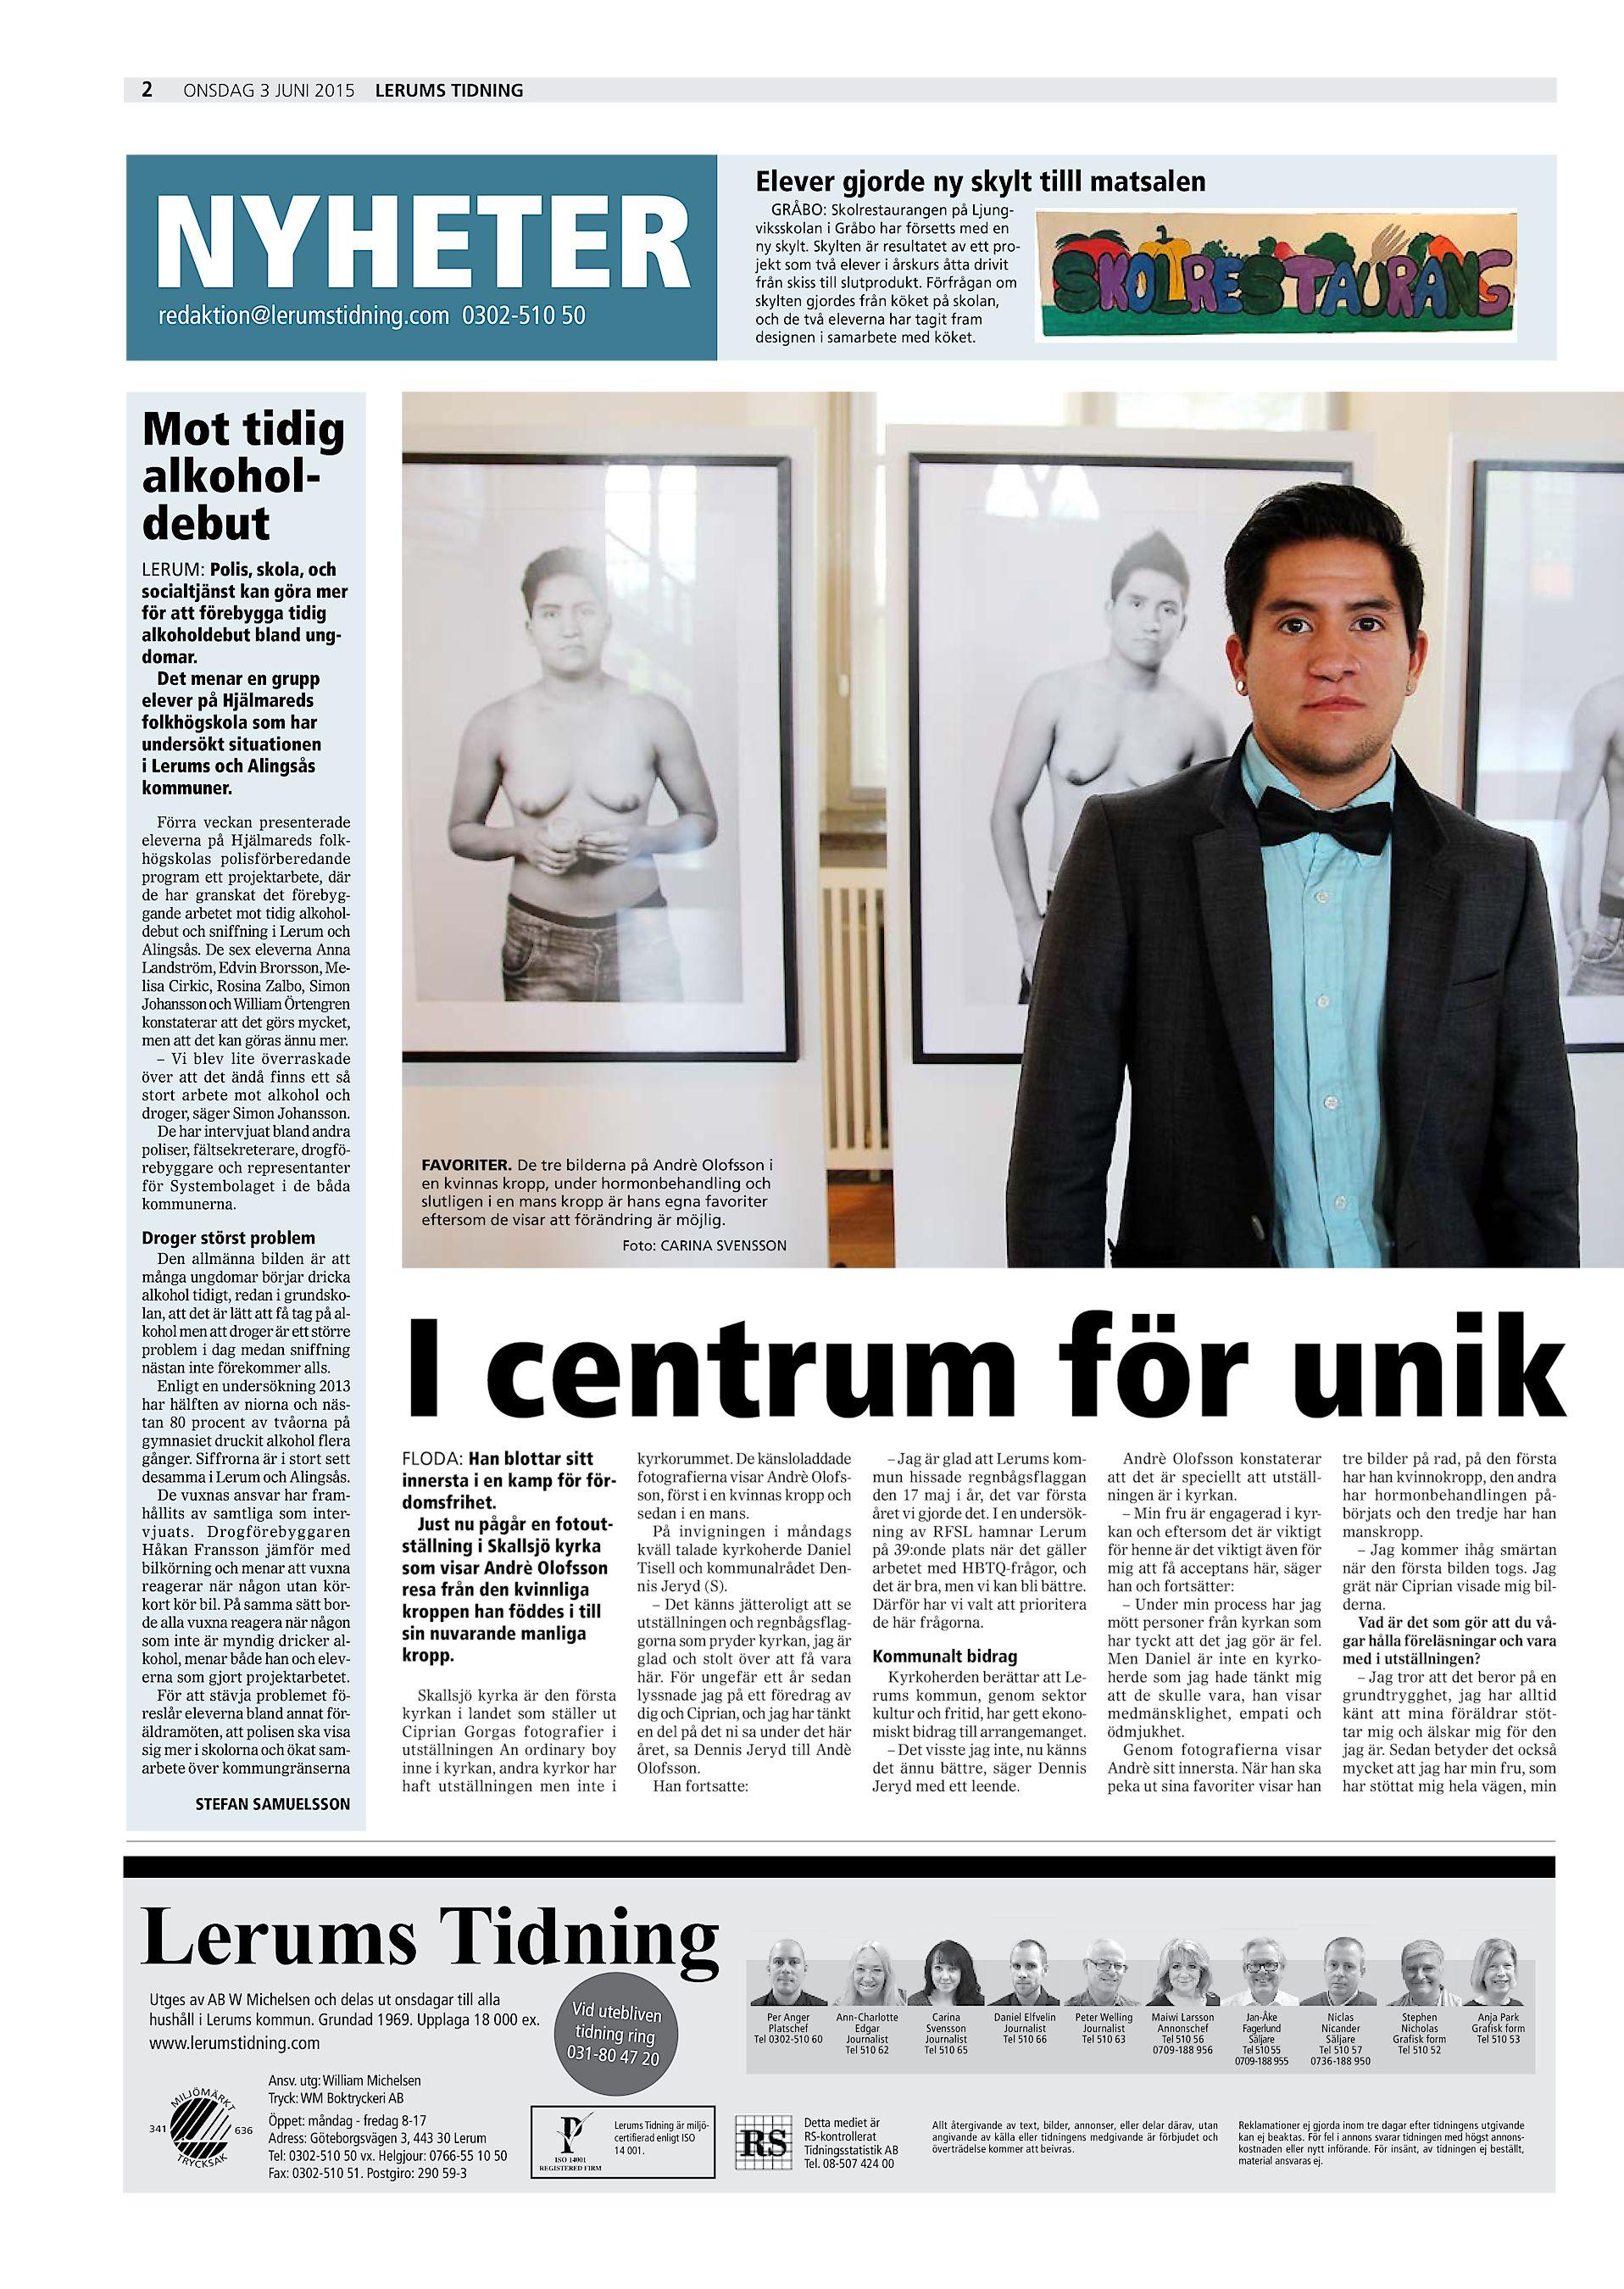 35da6603a374 ... redaktion@lerumstidning.com 0302-510 50 Elever gjorde ny skylt tilll  matsalen GRÅBO: Skolrestaurangen på Ljungviksskolan i Gråbo har försetts  med en ny ...